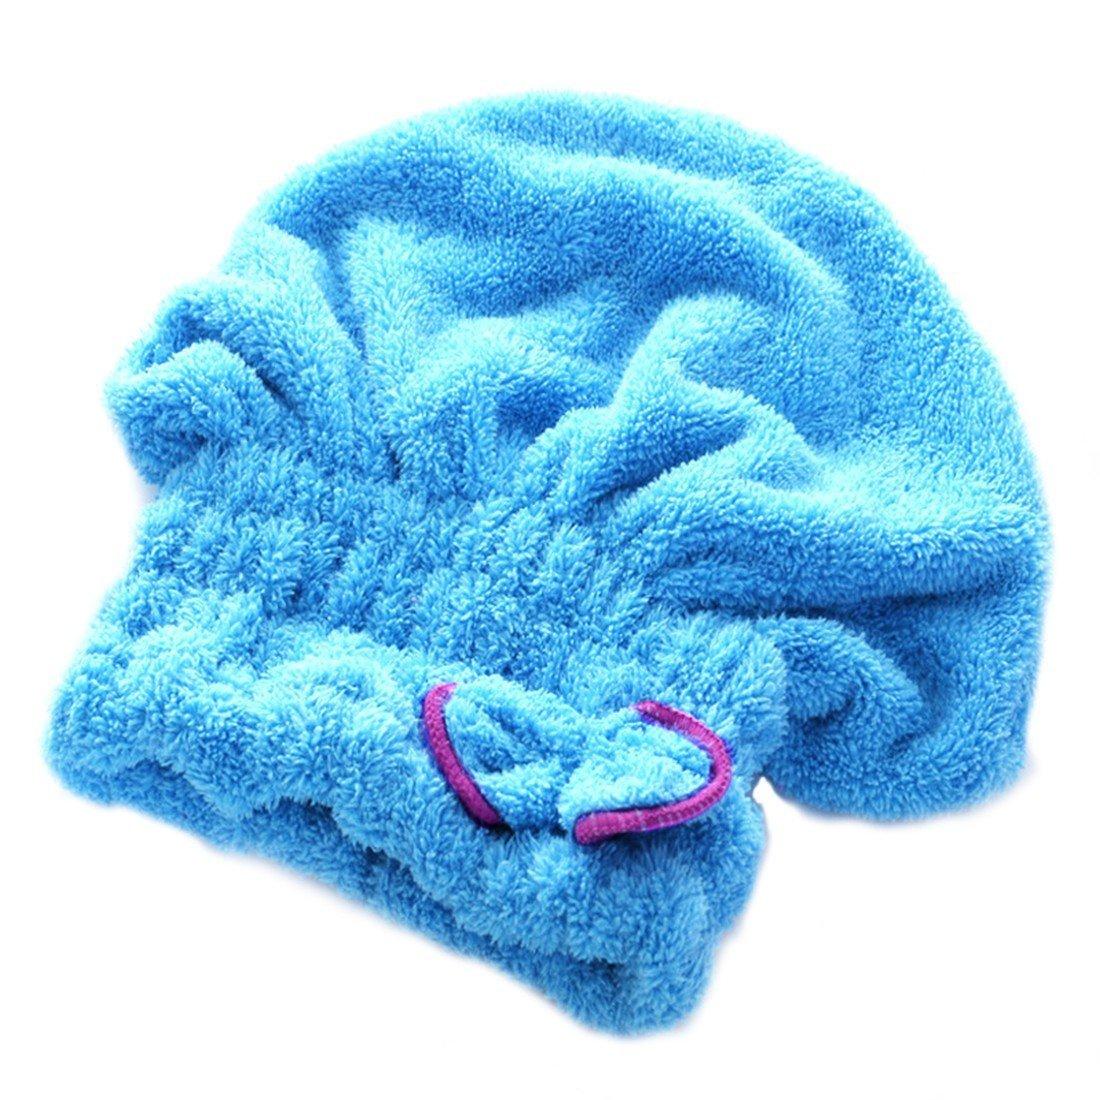 Brilliant Textile Microfiber Hair Turban Quickly Dry Hair Wrapped Towel Bath Blue rongwen TRTA11A